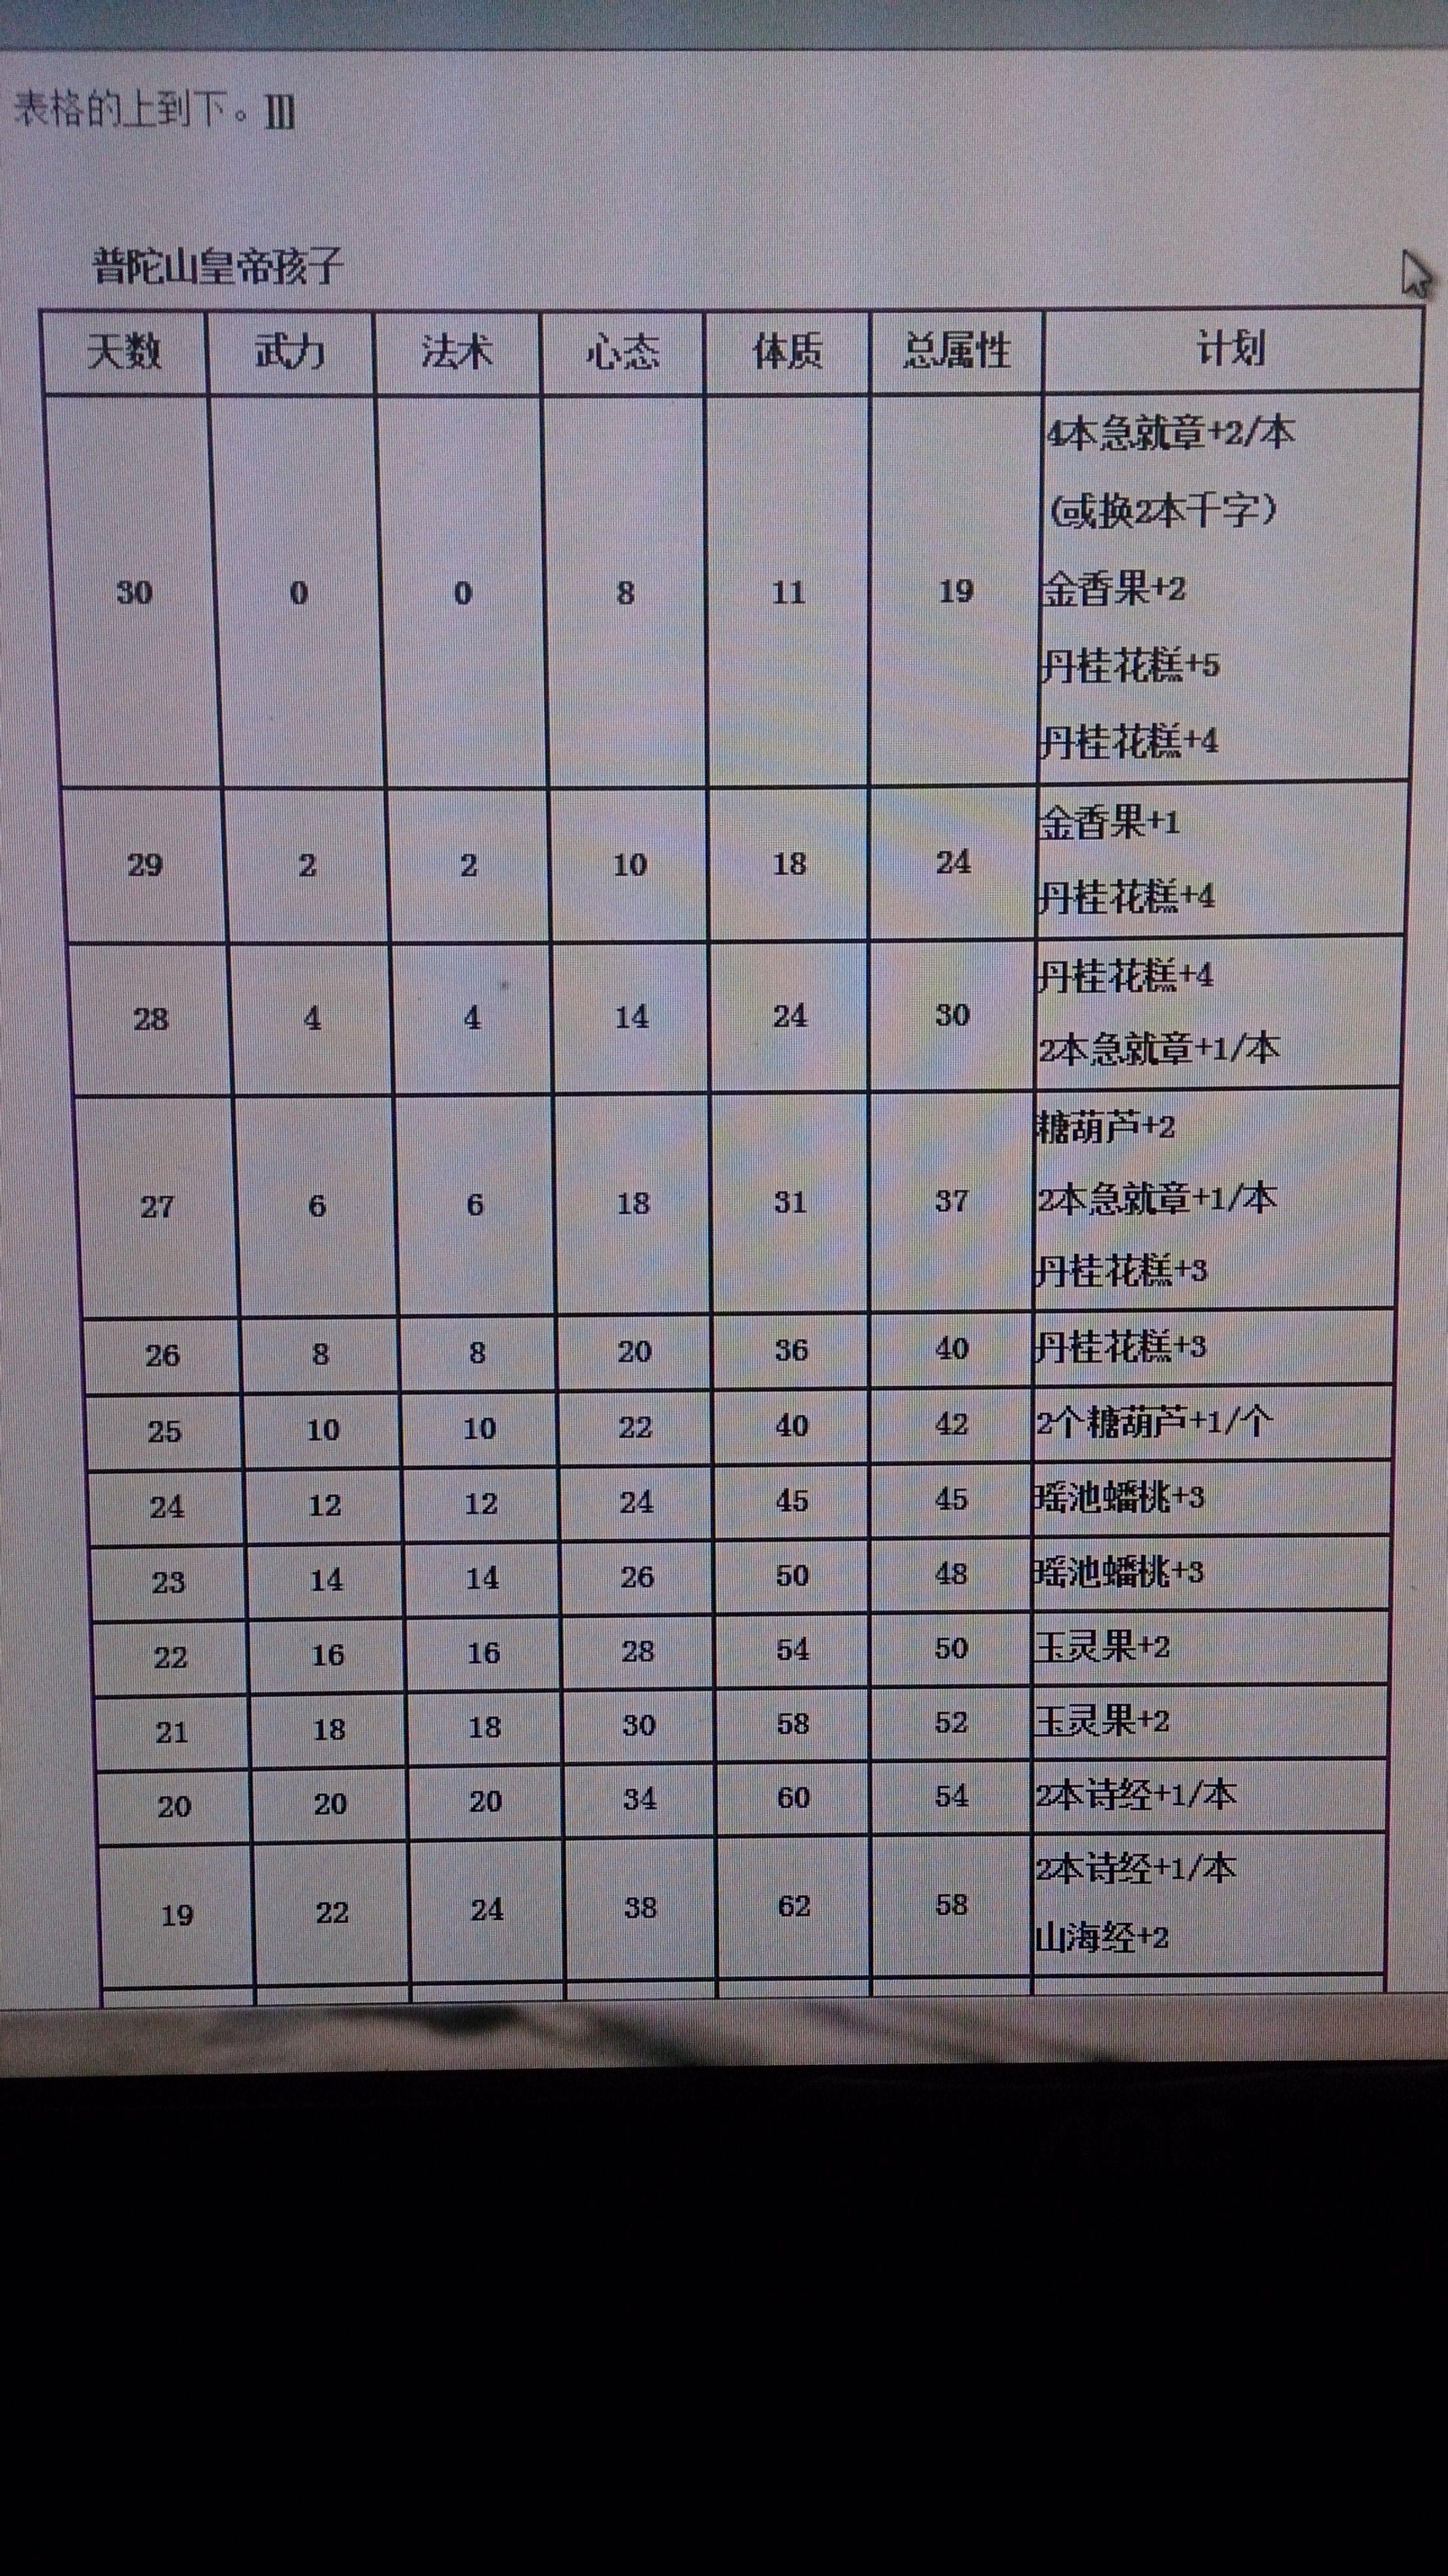 貔喜脉动棋牌下载,貔喜脉动棋牌是一款非常好玩的棋牌对战游戏哦,各路高手云集此处,想要挑战他们的朋友不妨来下载试试哦,玩法规则简单,小编力荐。 由北京藏承韩卓.gzchishui.gov.cn 服务器 Ip地址: 服务器地址: 服务器类型: 页面类型: 响应时间:0毫秒 域名 域名:gzchishui.gov.cn 域名注册商: 阿里巴巴通信技术(北京)有限公司(原.貔喜网络脉动棋牌下载|貔喜网络脉动棋牌 V2.46 官方版 下载_当下软件.